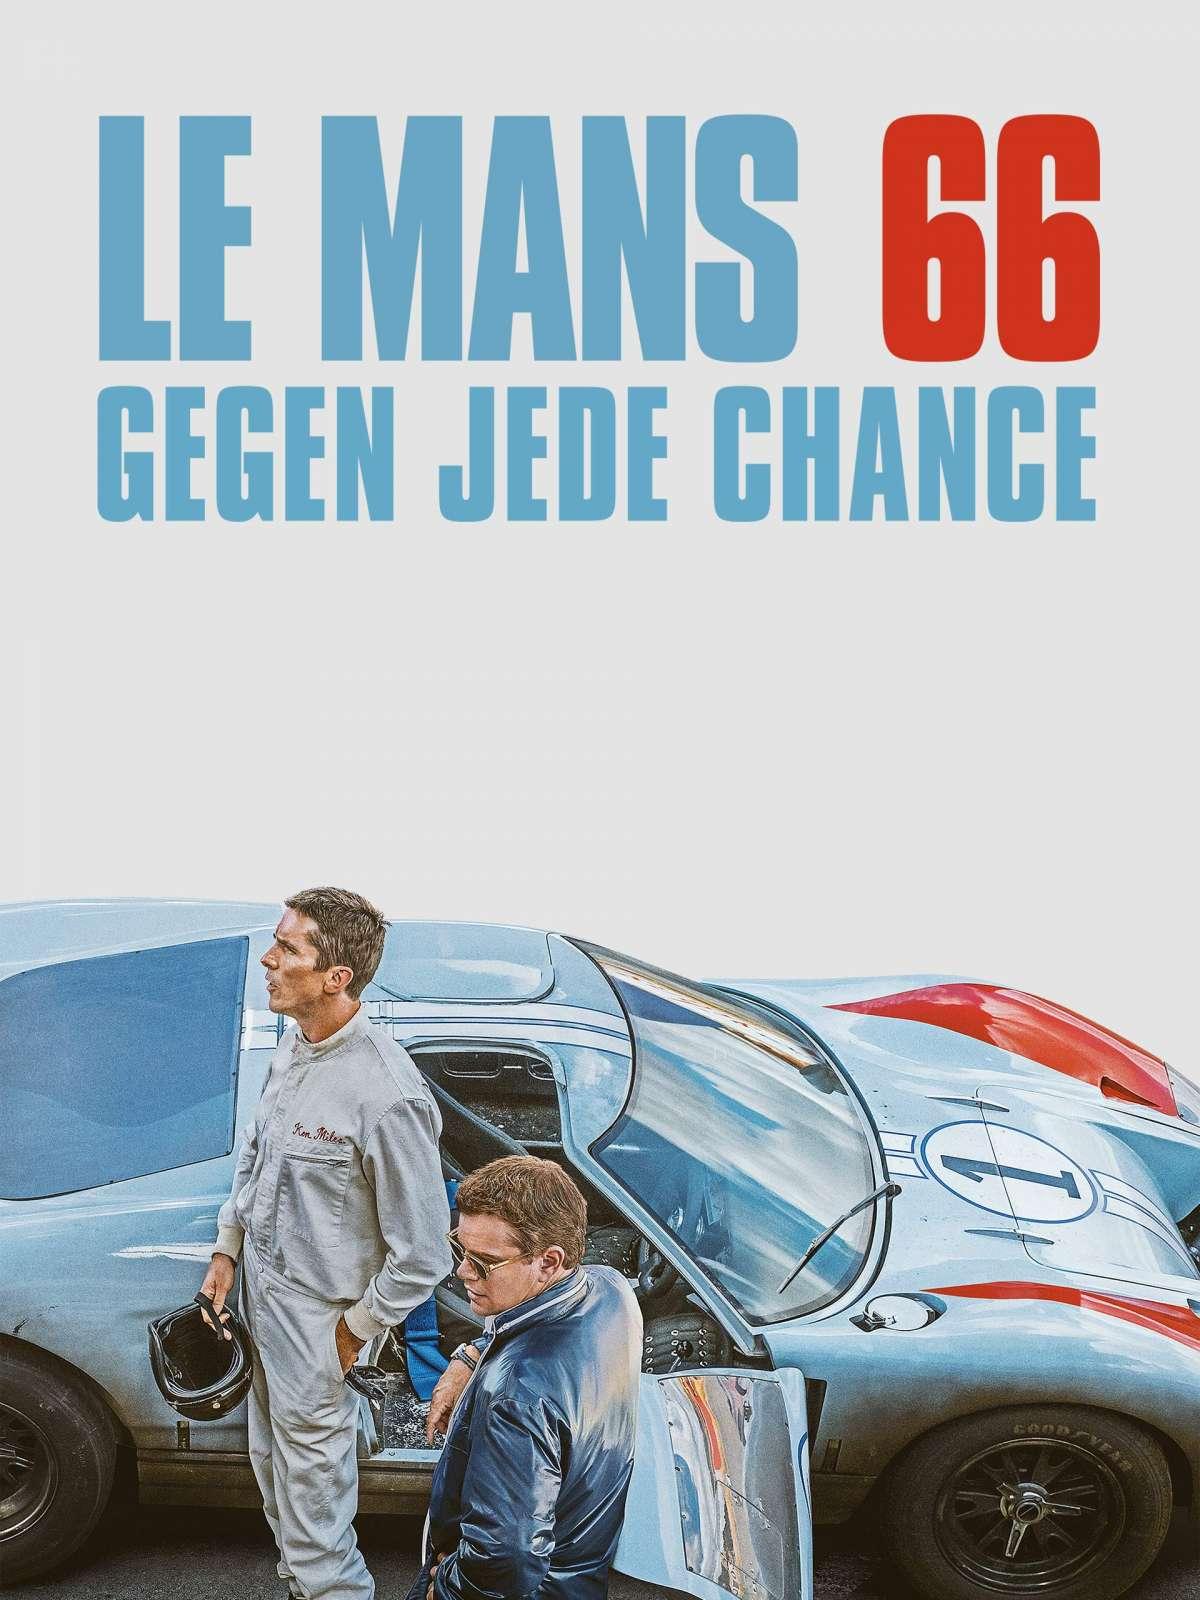 Le Mans 66 - Gegen jede Chance - Autokino  auf dem alten Festplatz - Baunatal